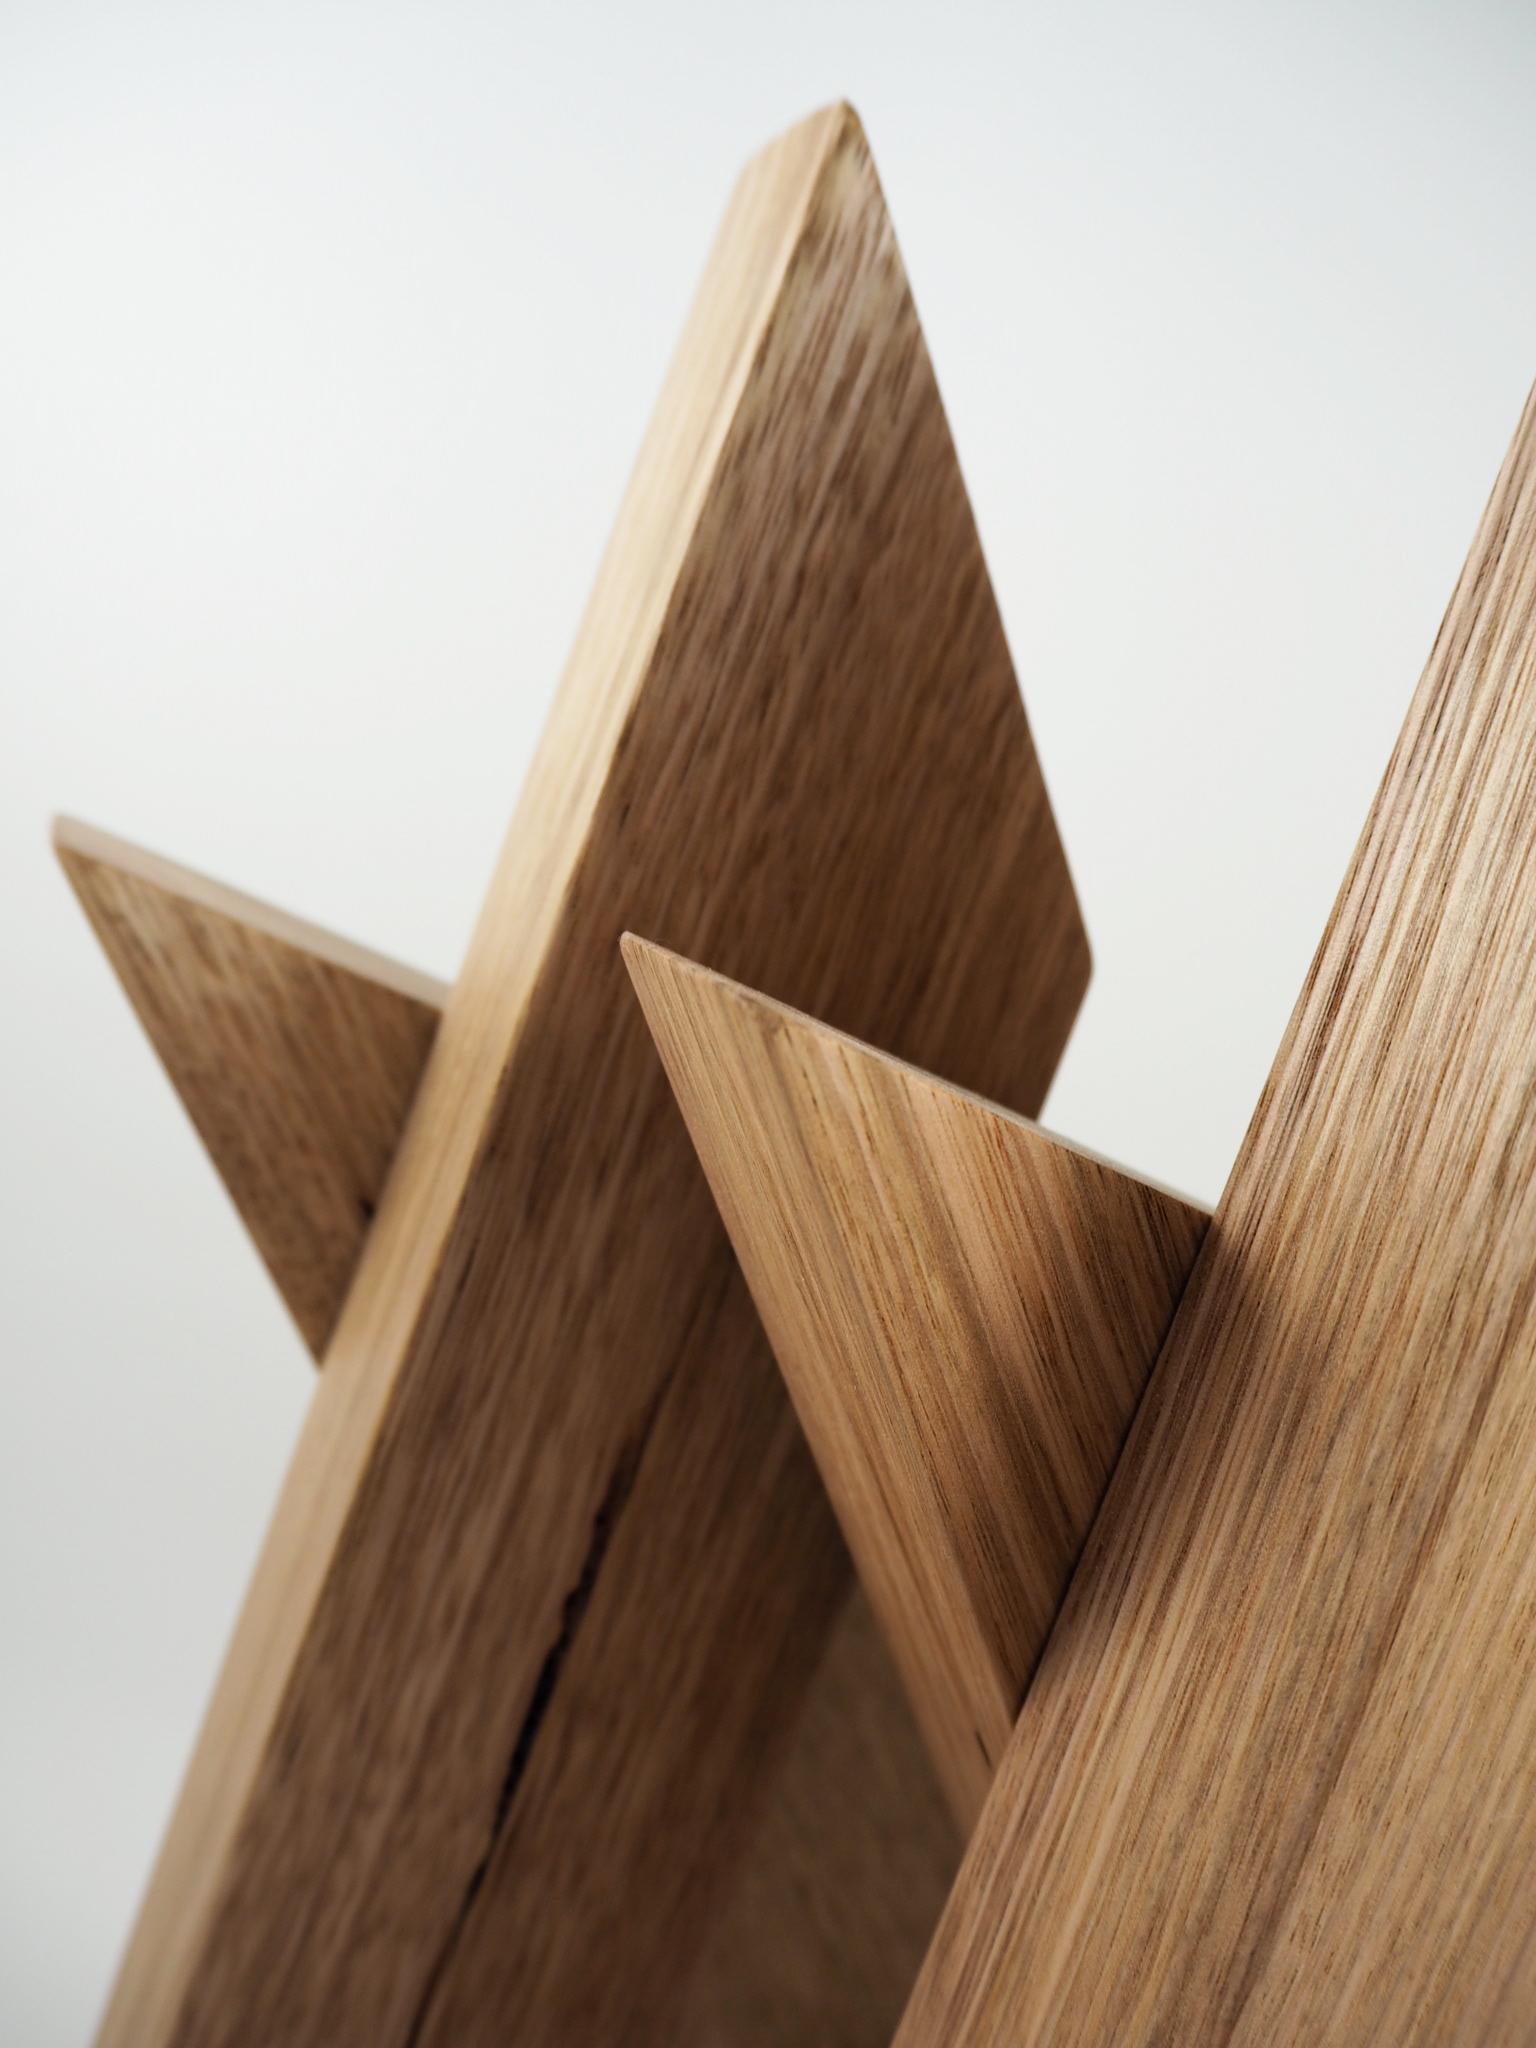 property-council-new-zealand-timber-eco-trophy-metal-award-01.jpg